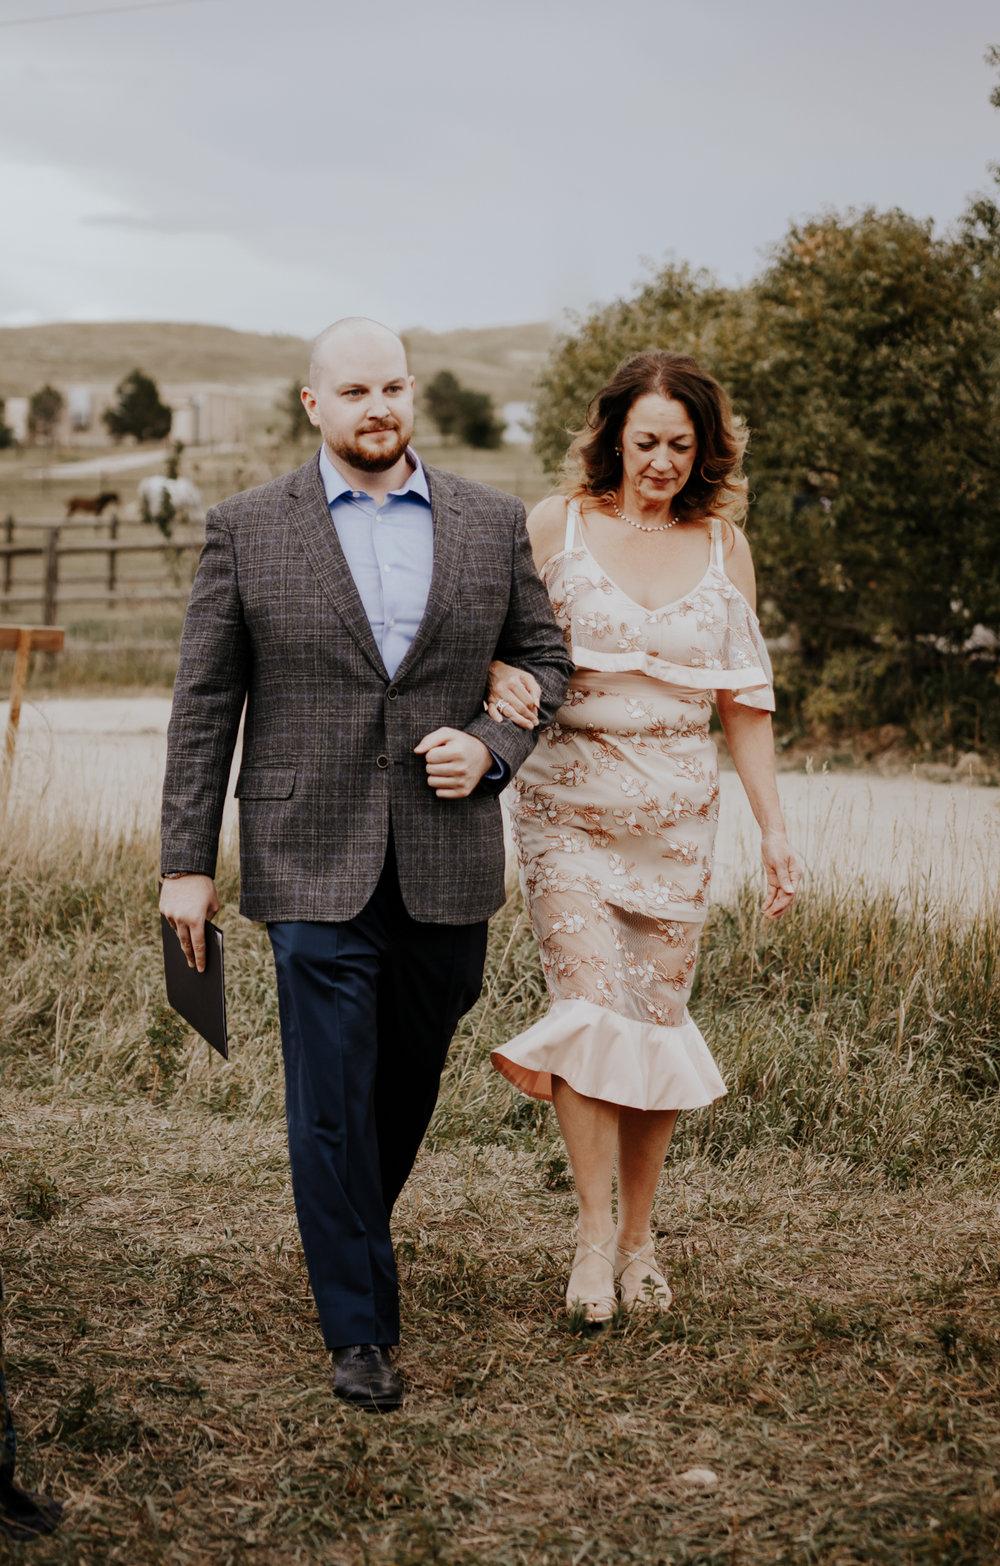 Sarah & Nicholas' Intimate Backyard Colorado Wedding-2012.jpg